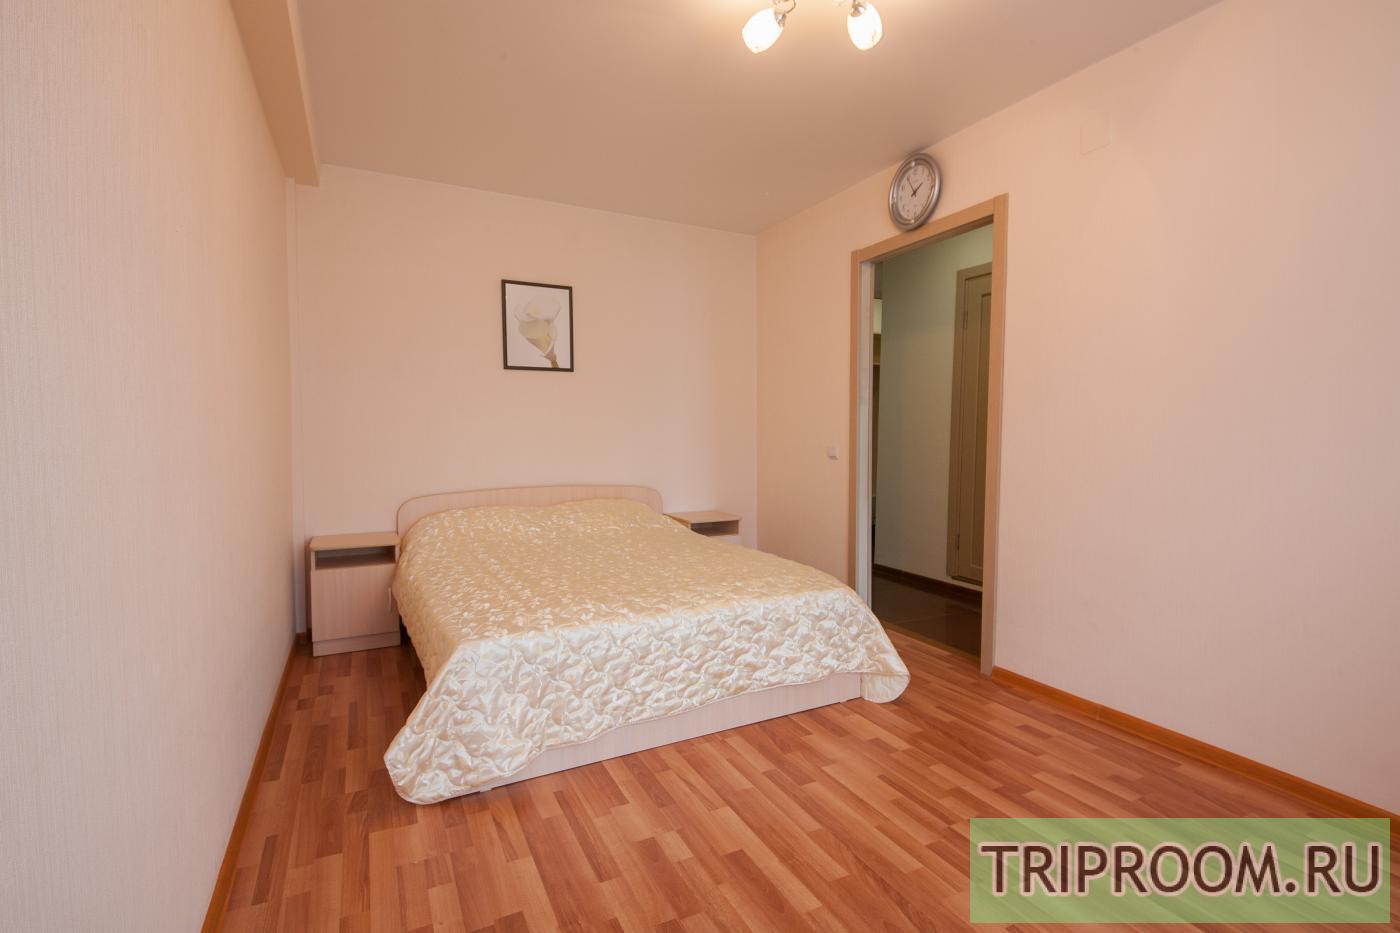 1-комнатная квартира посуточно (вариант № 16059), ул. Республики улица, фото № 7